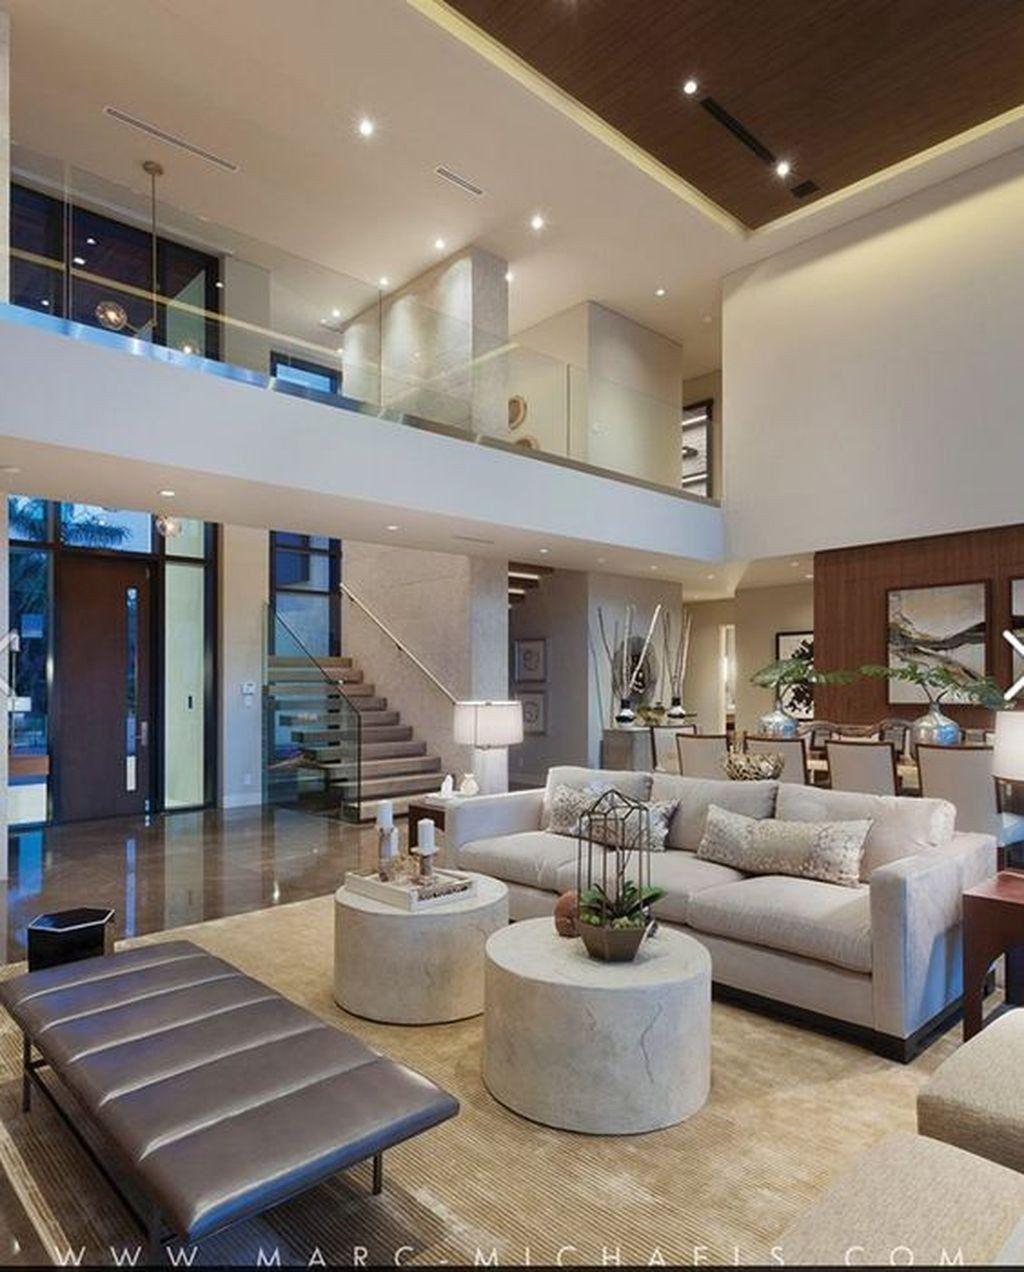 20 Modern House Designs Interior In 2020 Modern Home Interior